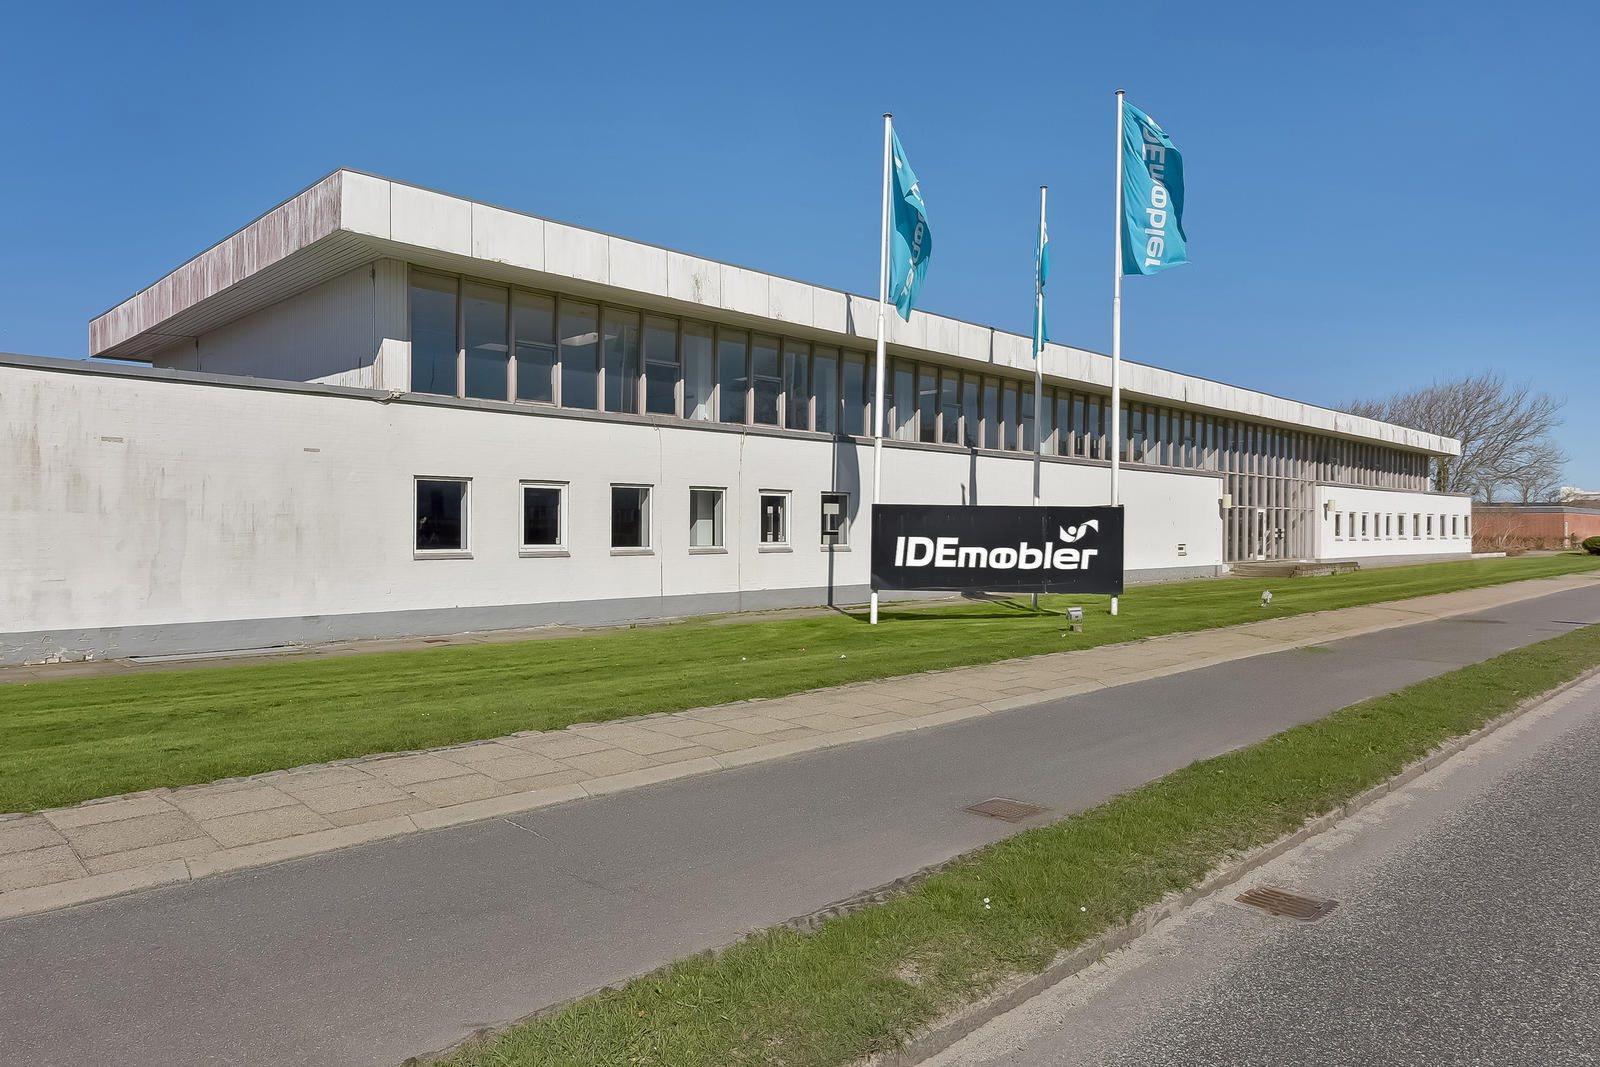 Bolig/erhverv på Nålemagervej i Aalborg - Ejendommen